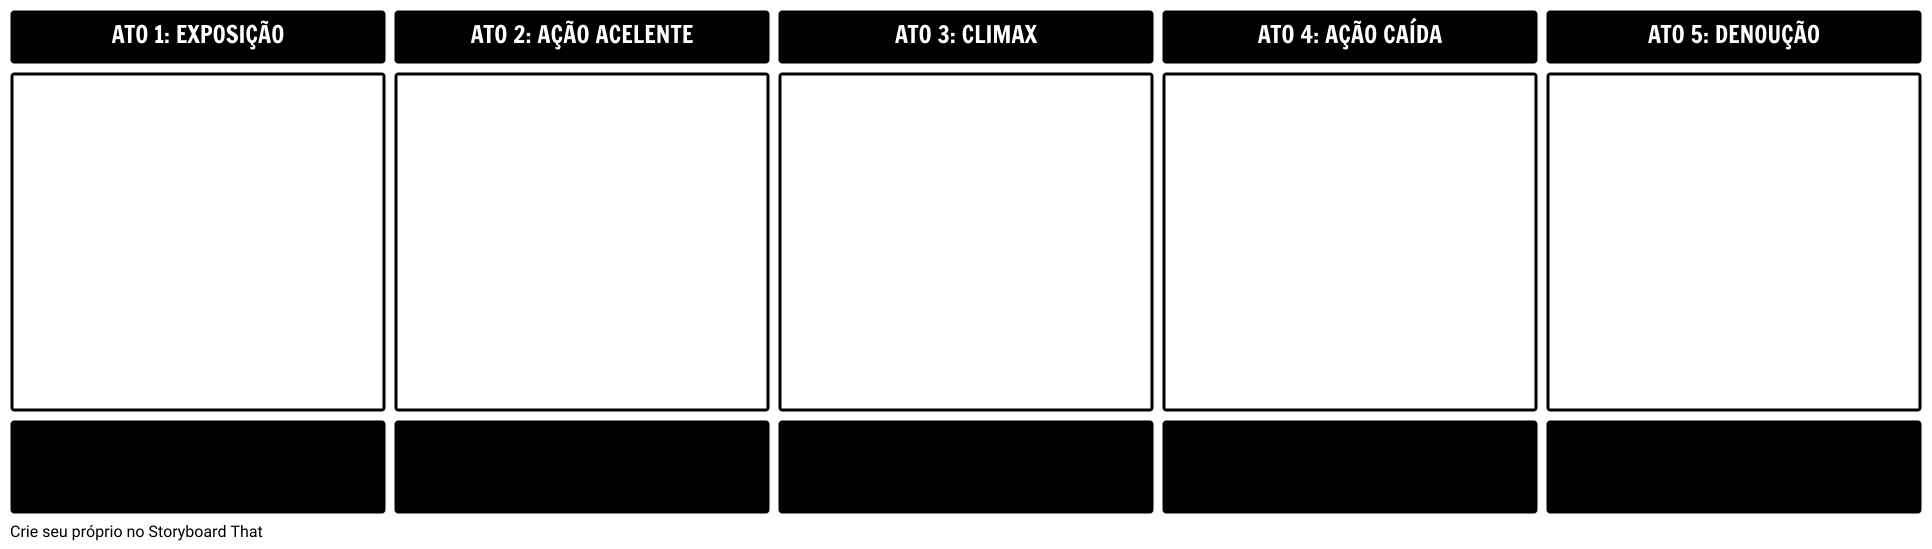 Modelo de Estrutura de Cinco Atos